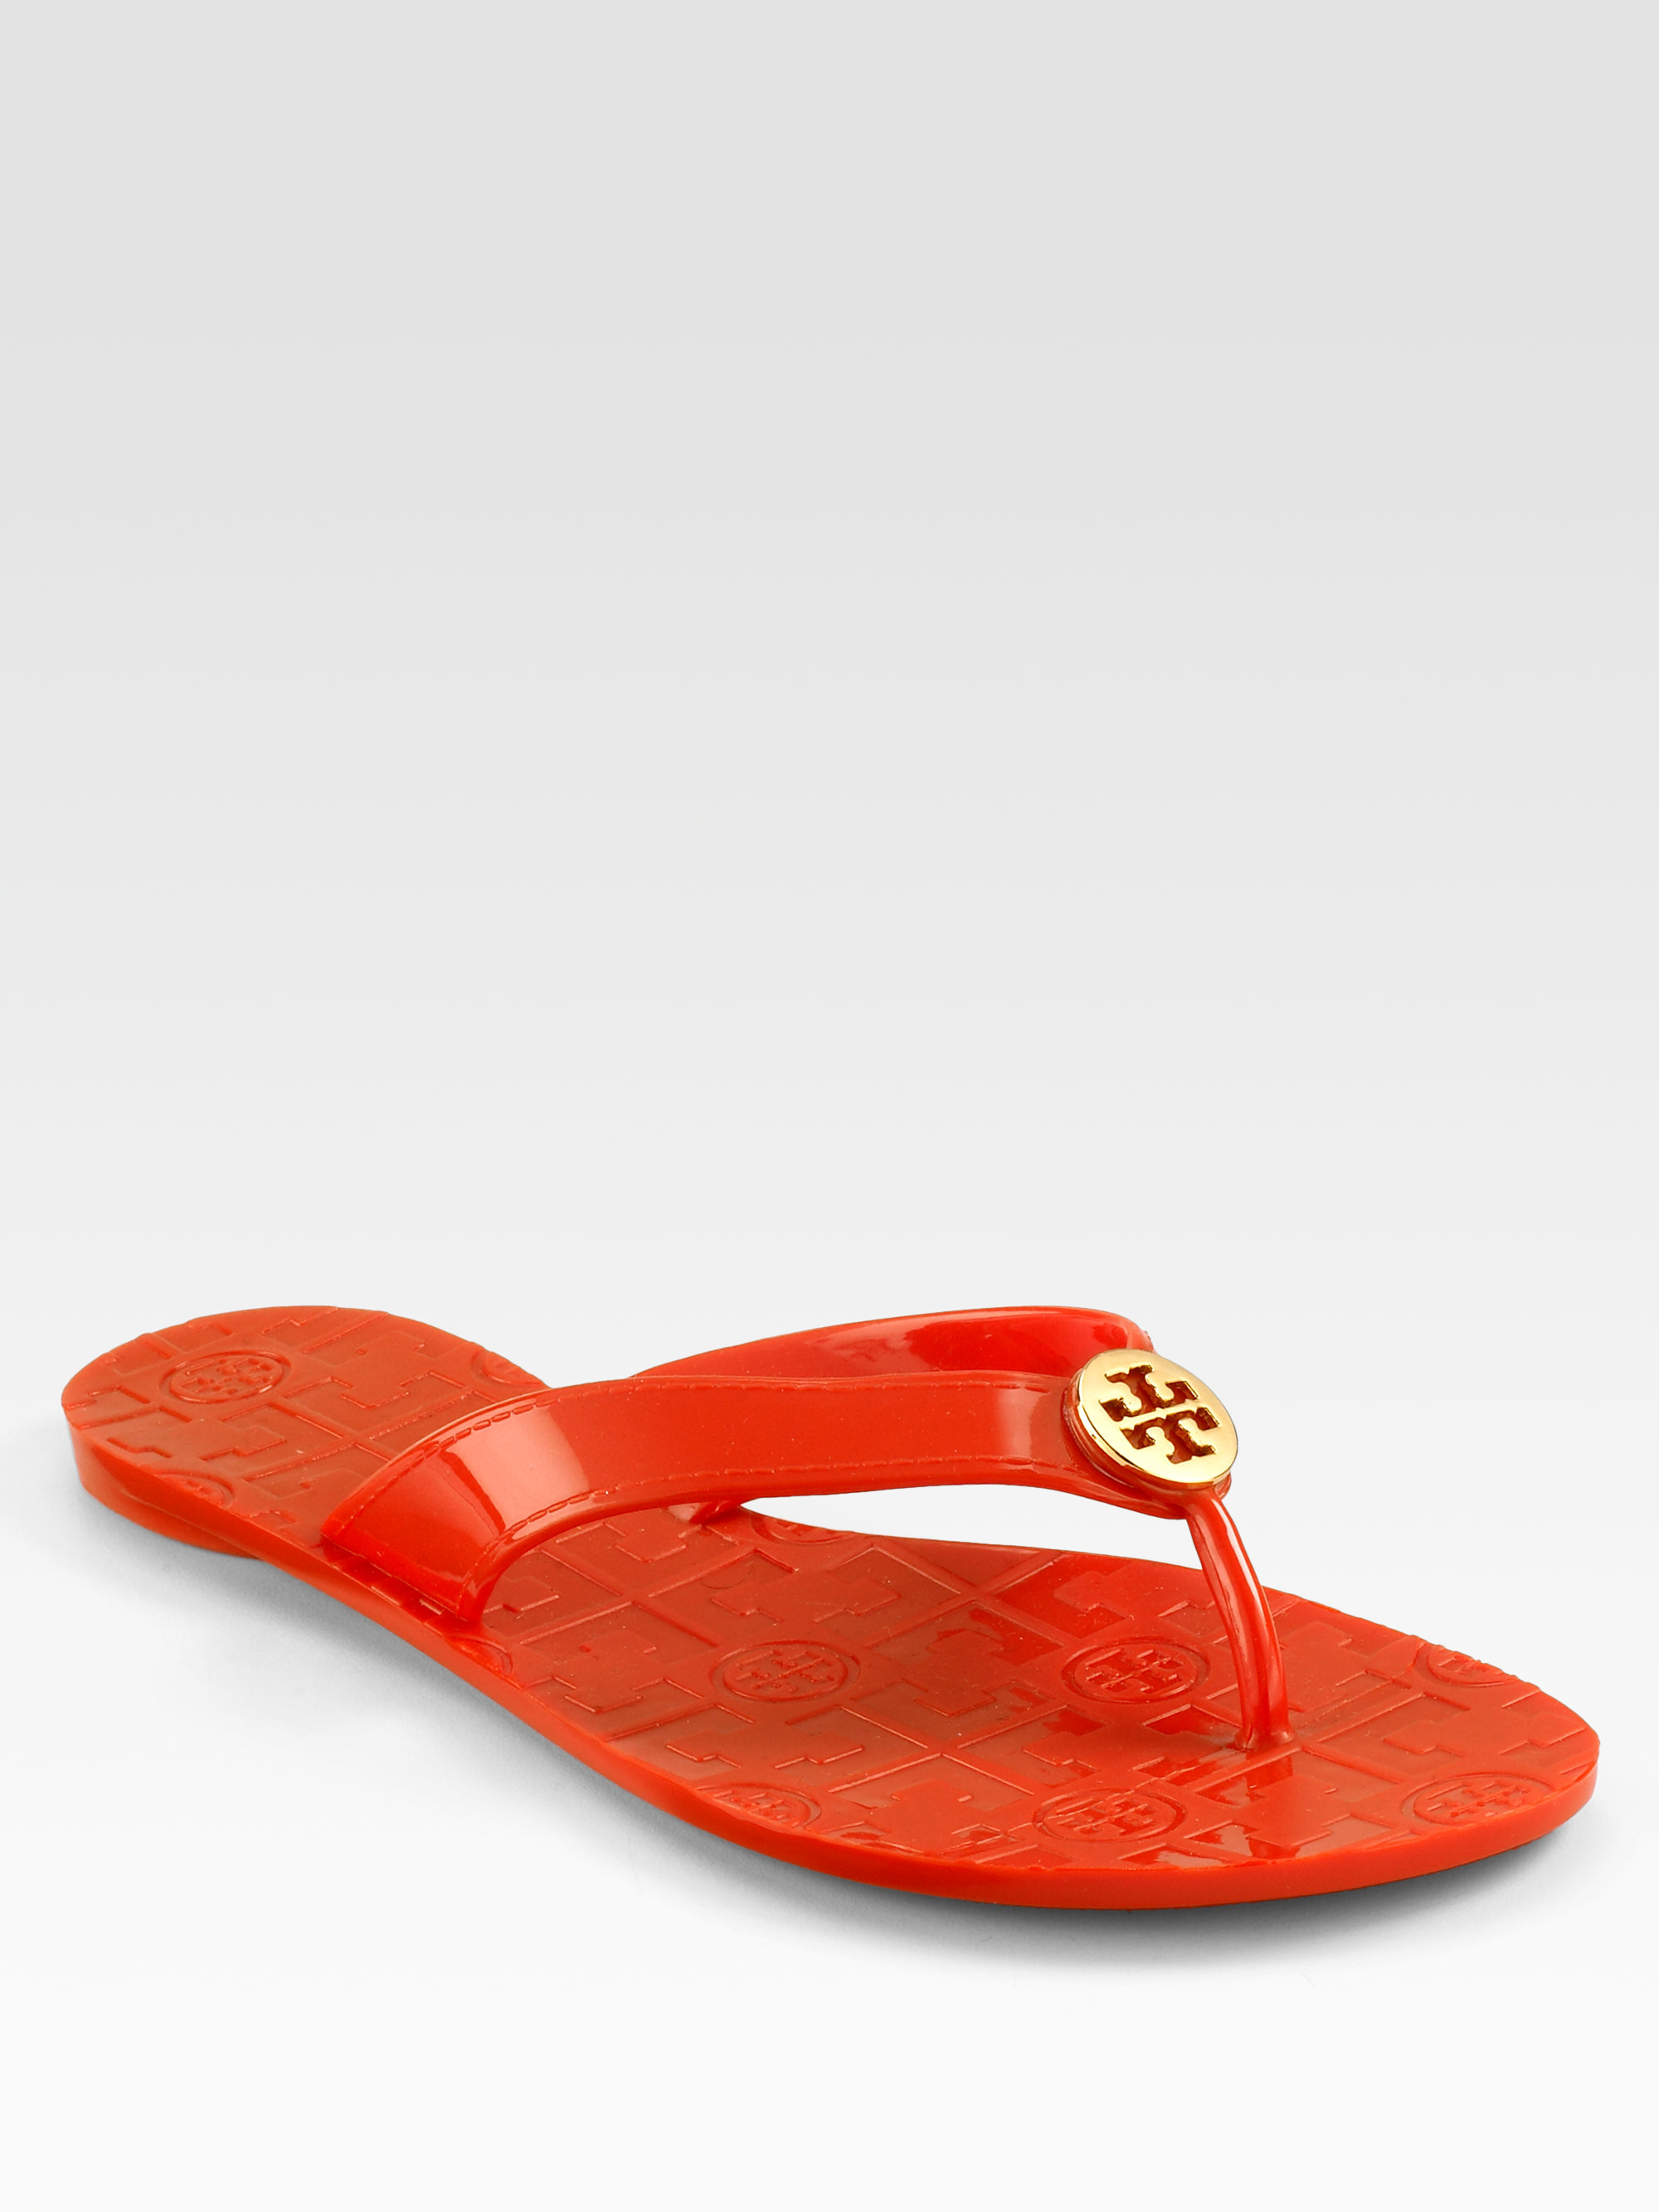 ca2d4e29f884 Lyst - Tory Burch Thora Jelly Flip Flops in Orange